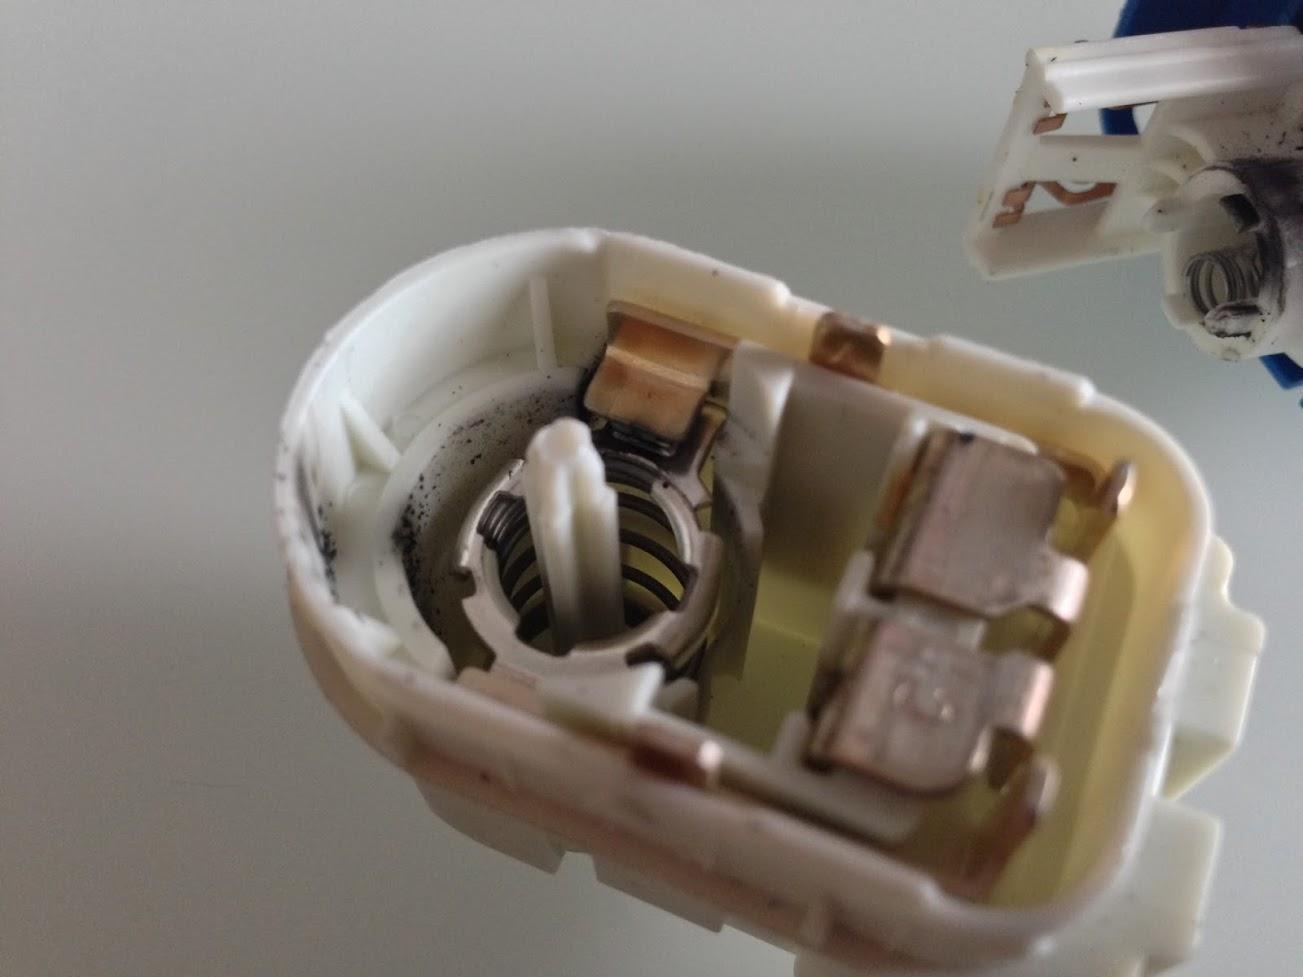 2006 LR3 - Transmission fault, HDC fault, Parking brake fault